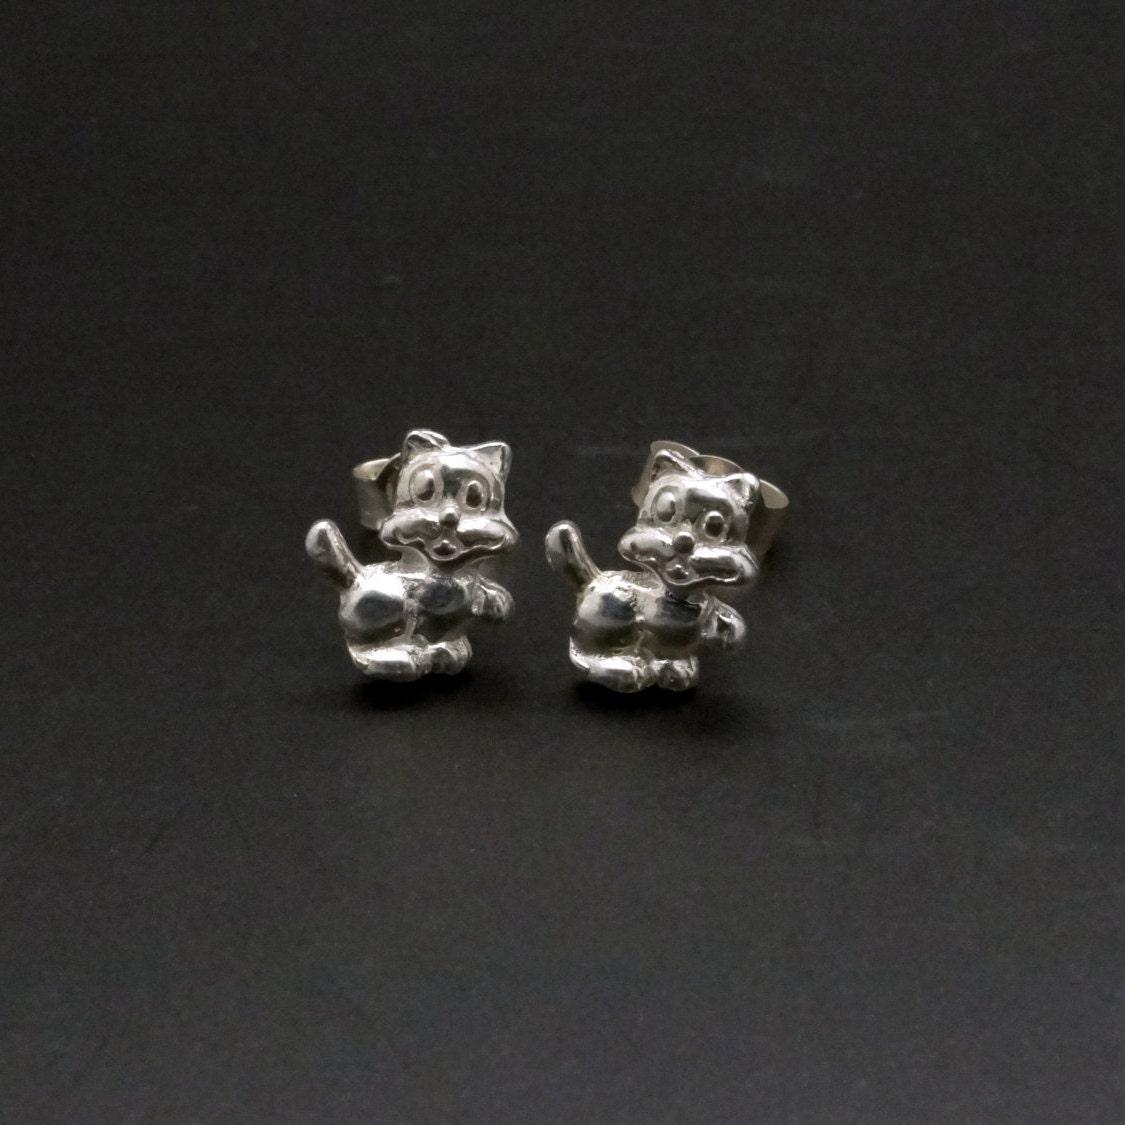 sterling silver stud earrings cat earrings 925 silver ear